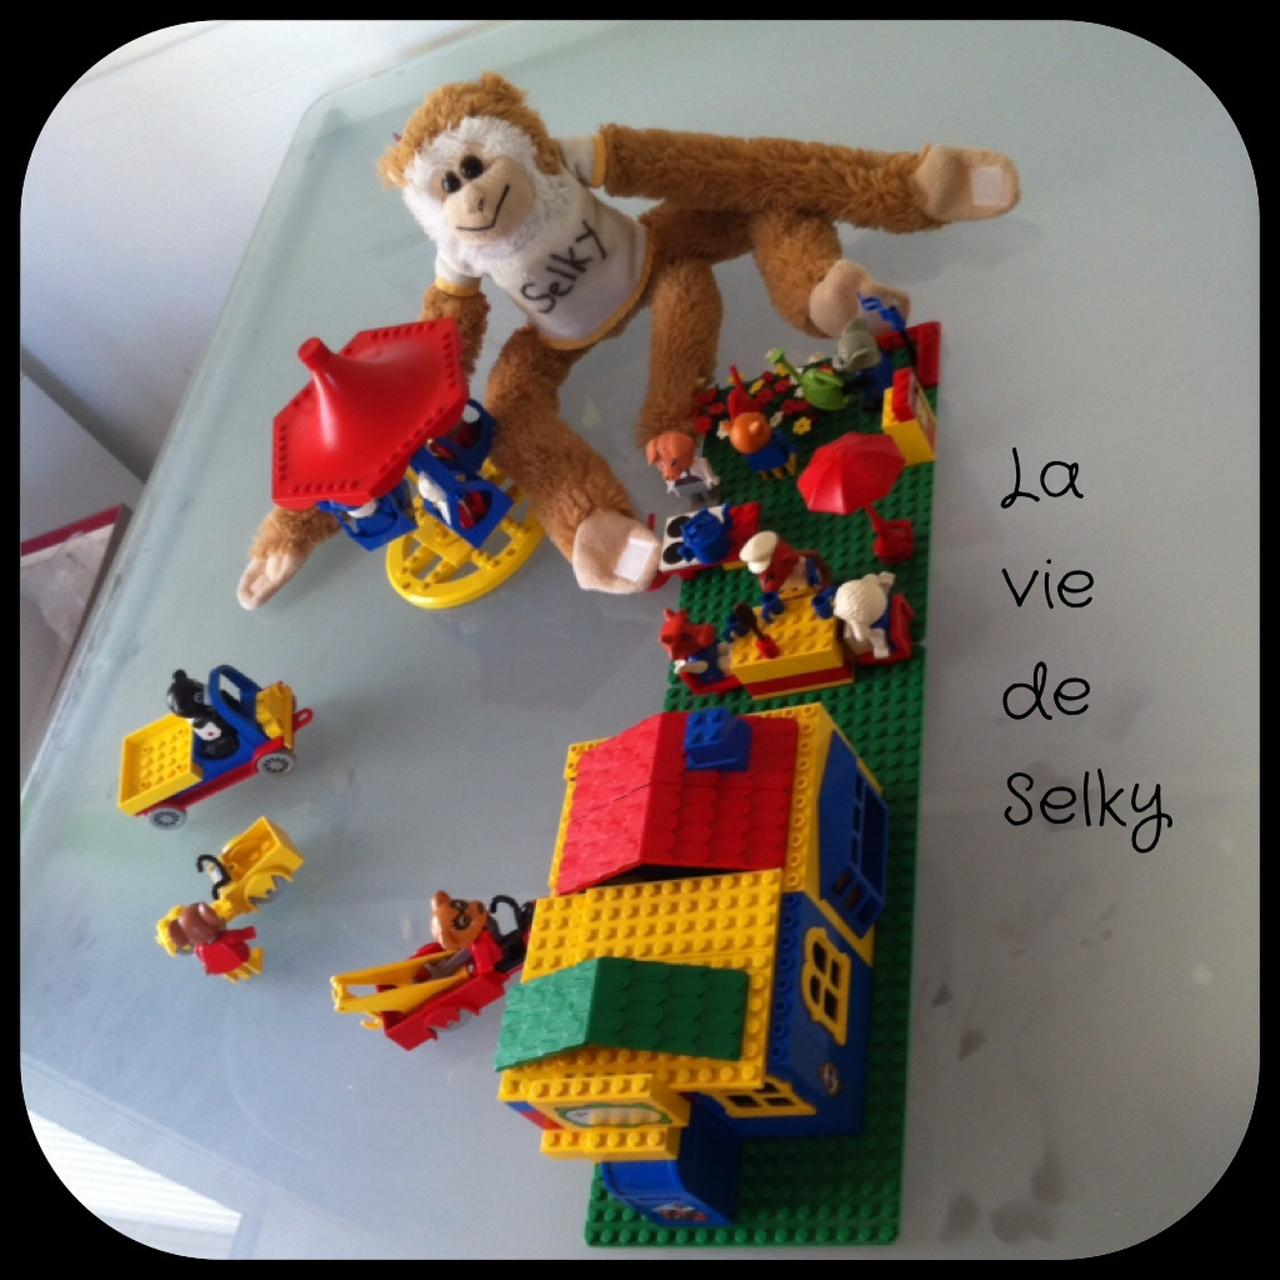 170713 Selky_joue_aux_legos